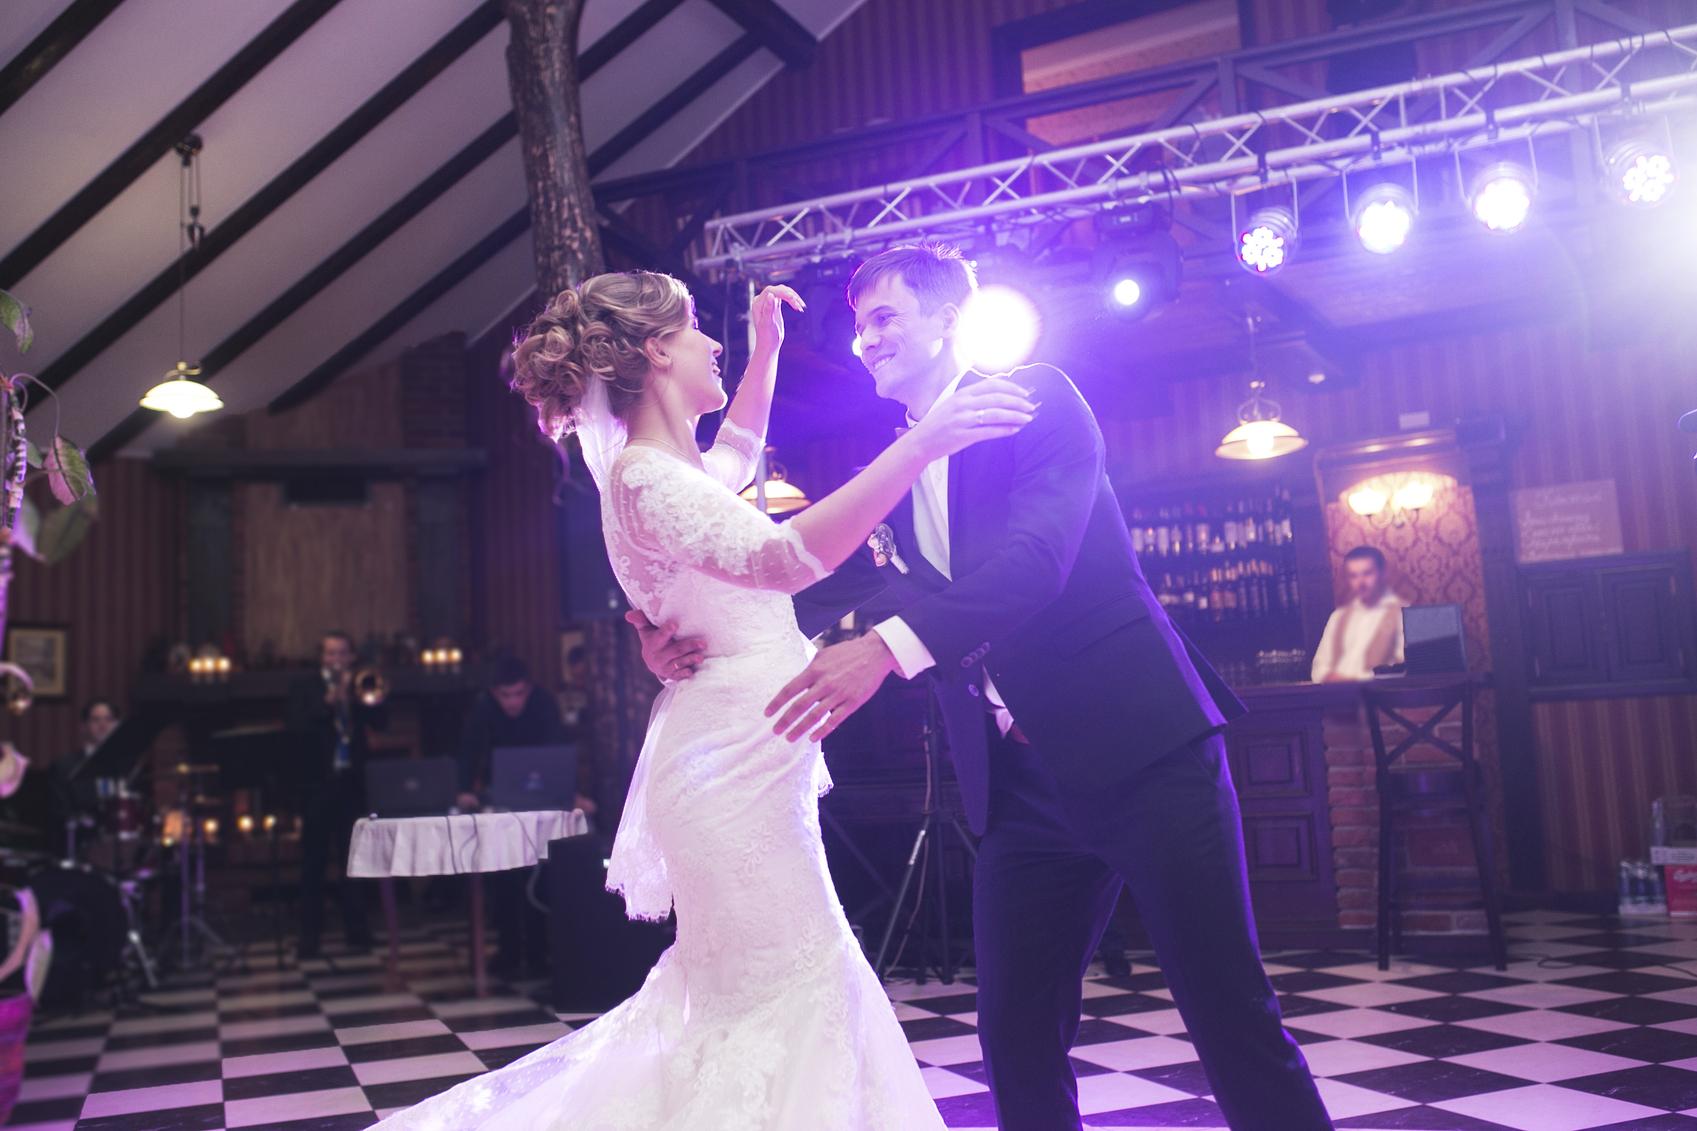 kiezen voor een intieme bruiloft of een groot feest